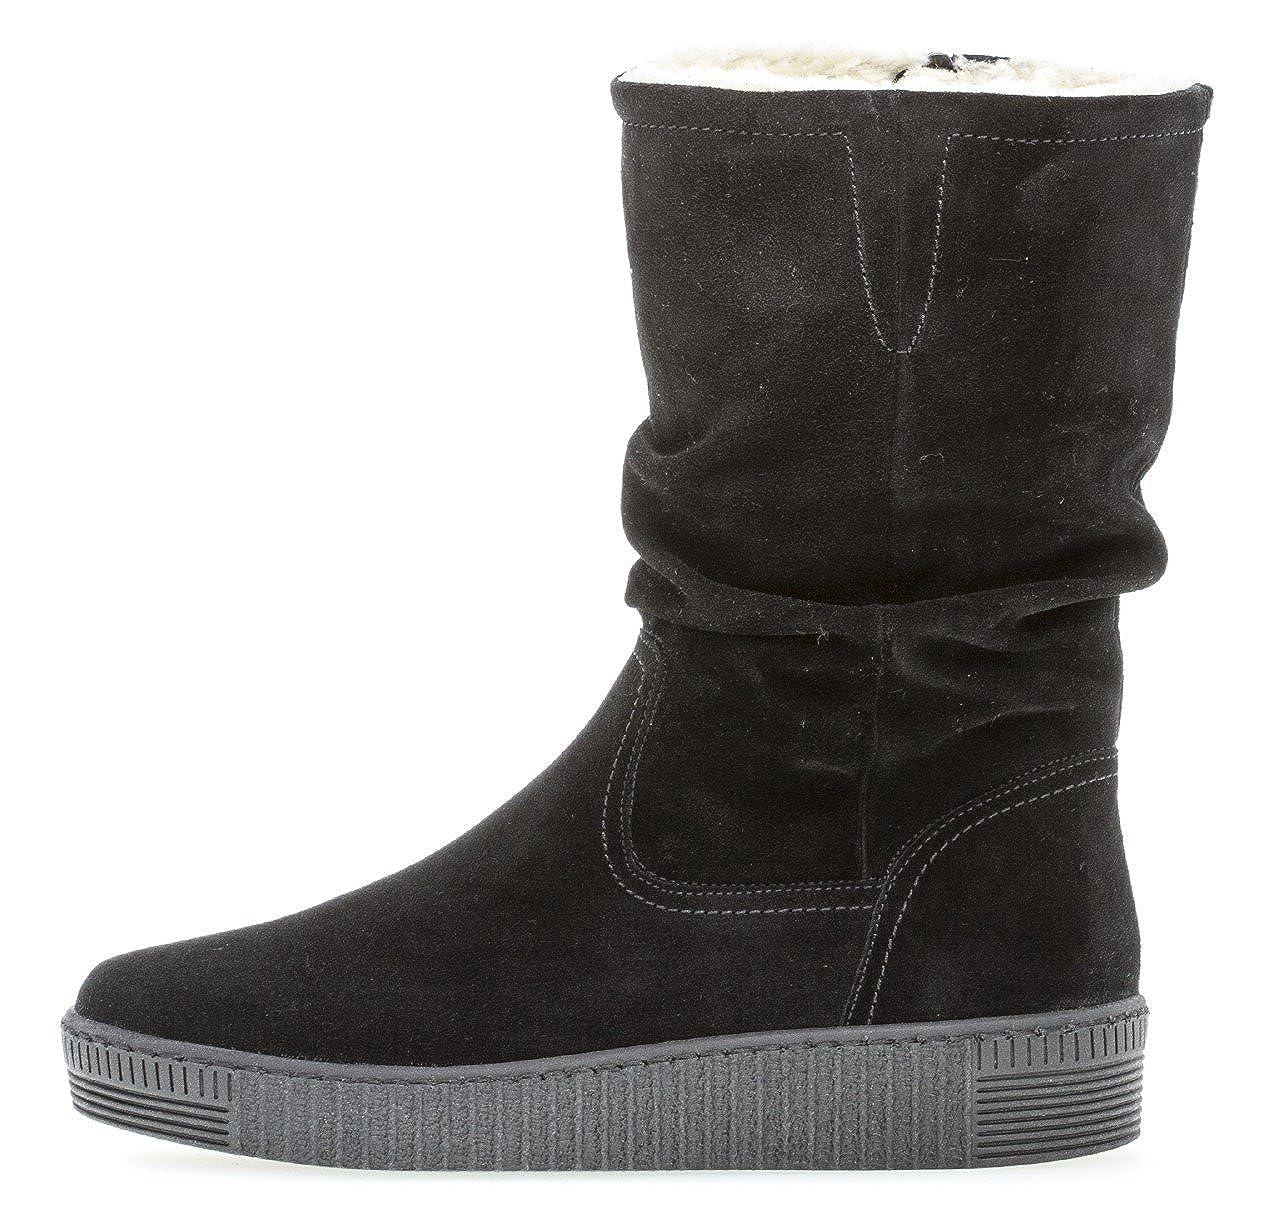 Gabor Jollys Stiefel in Übergrößen Übergrößen Übergrößen Grau 93.736.19 große Damenschuhe  928499